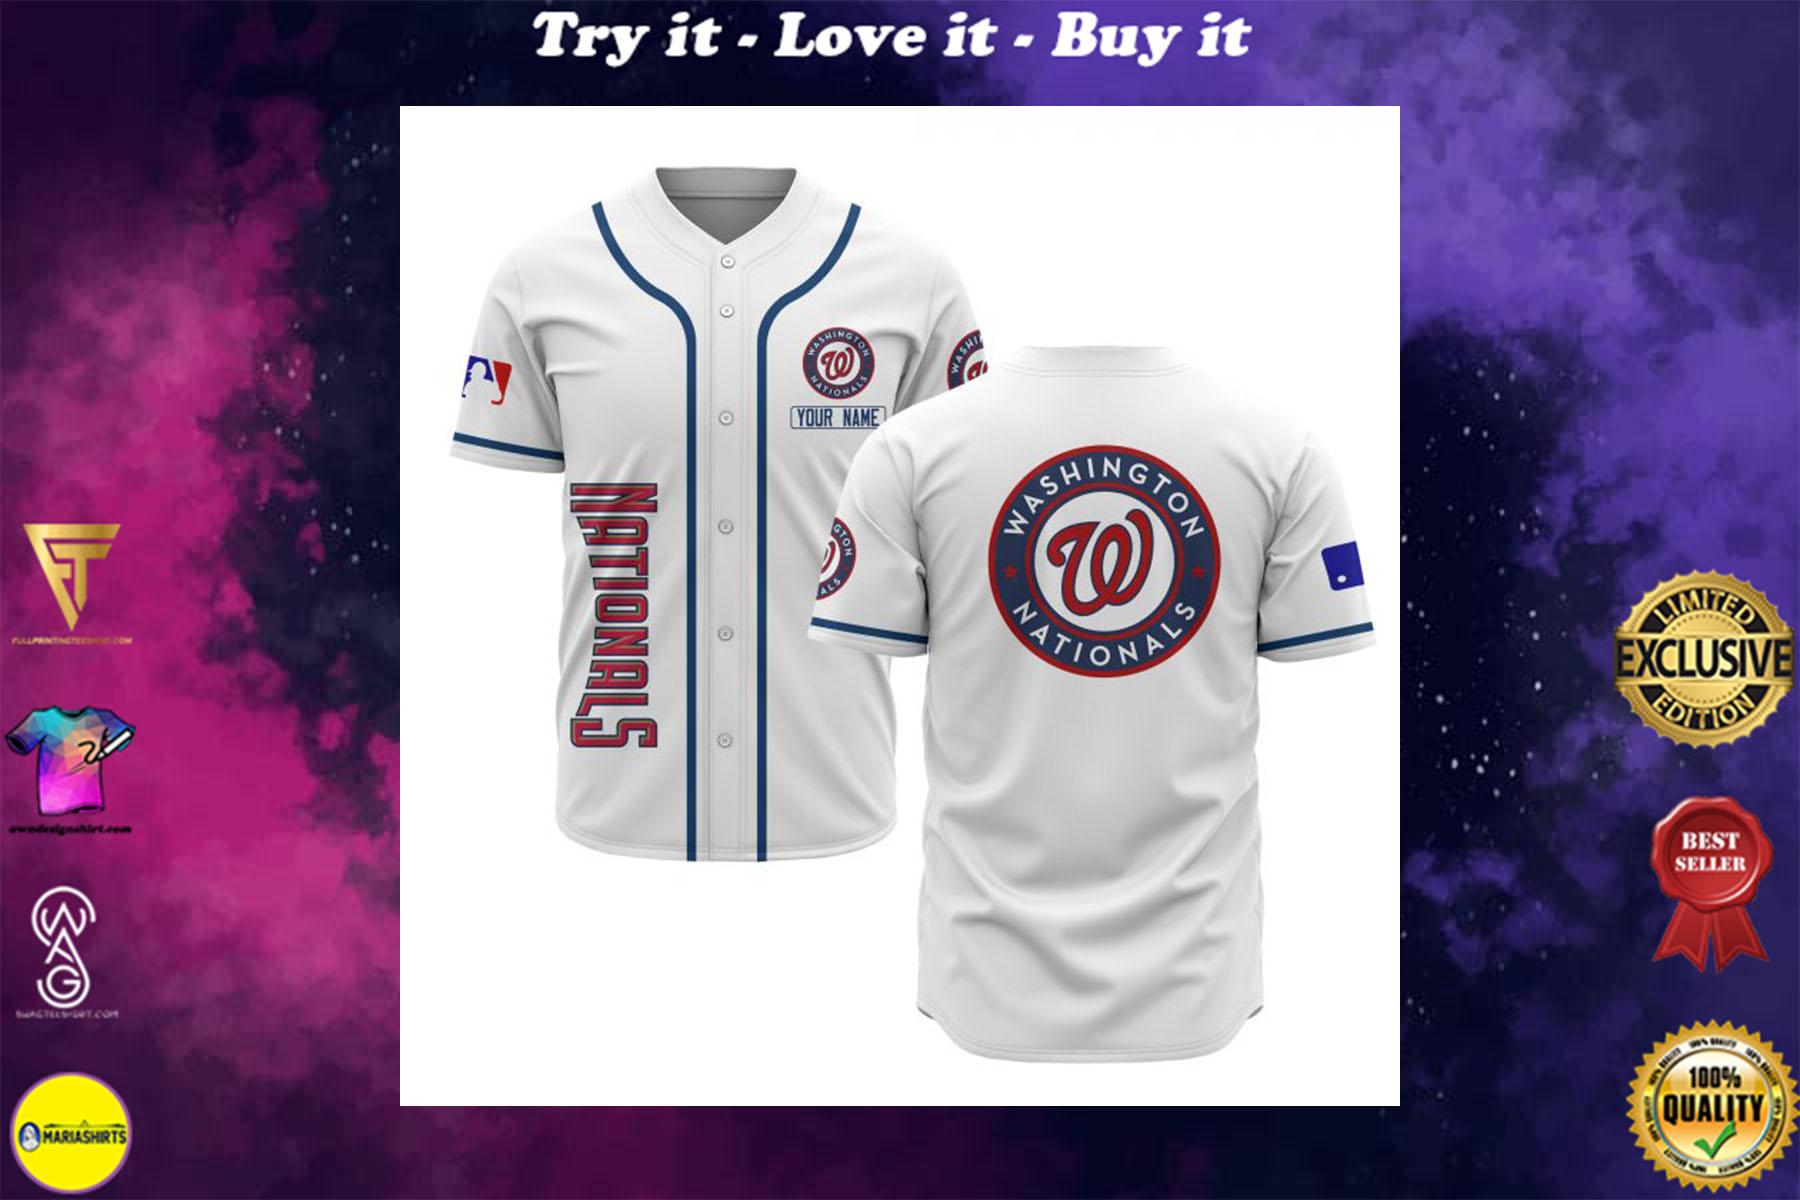 [special edition] custom name washington nationals baseball shirt - maria